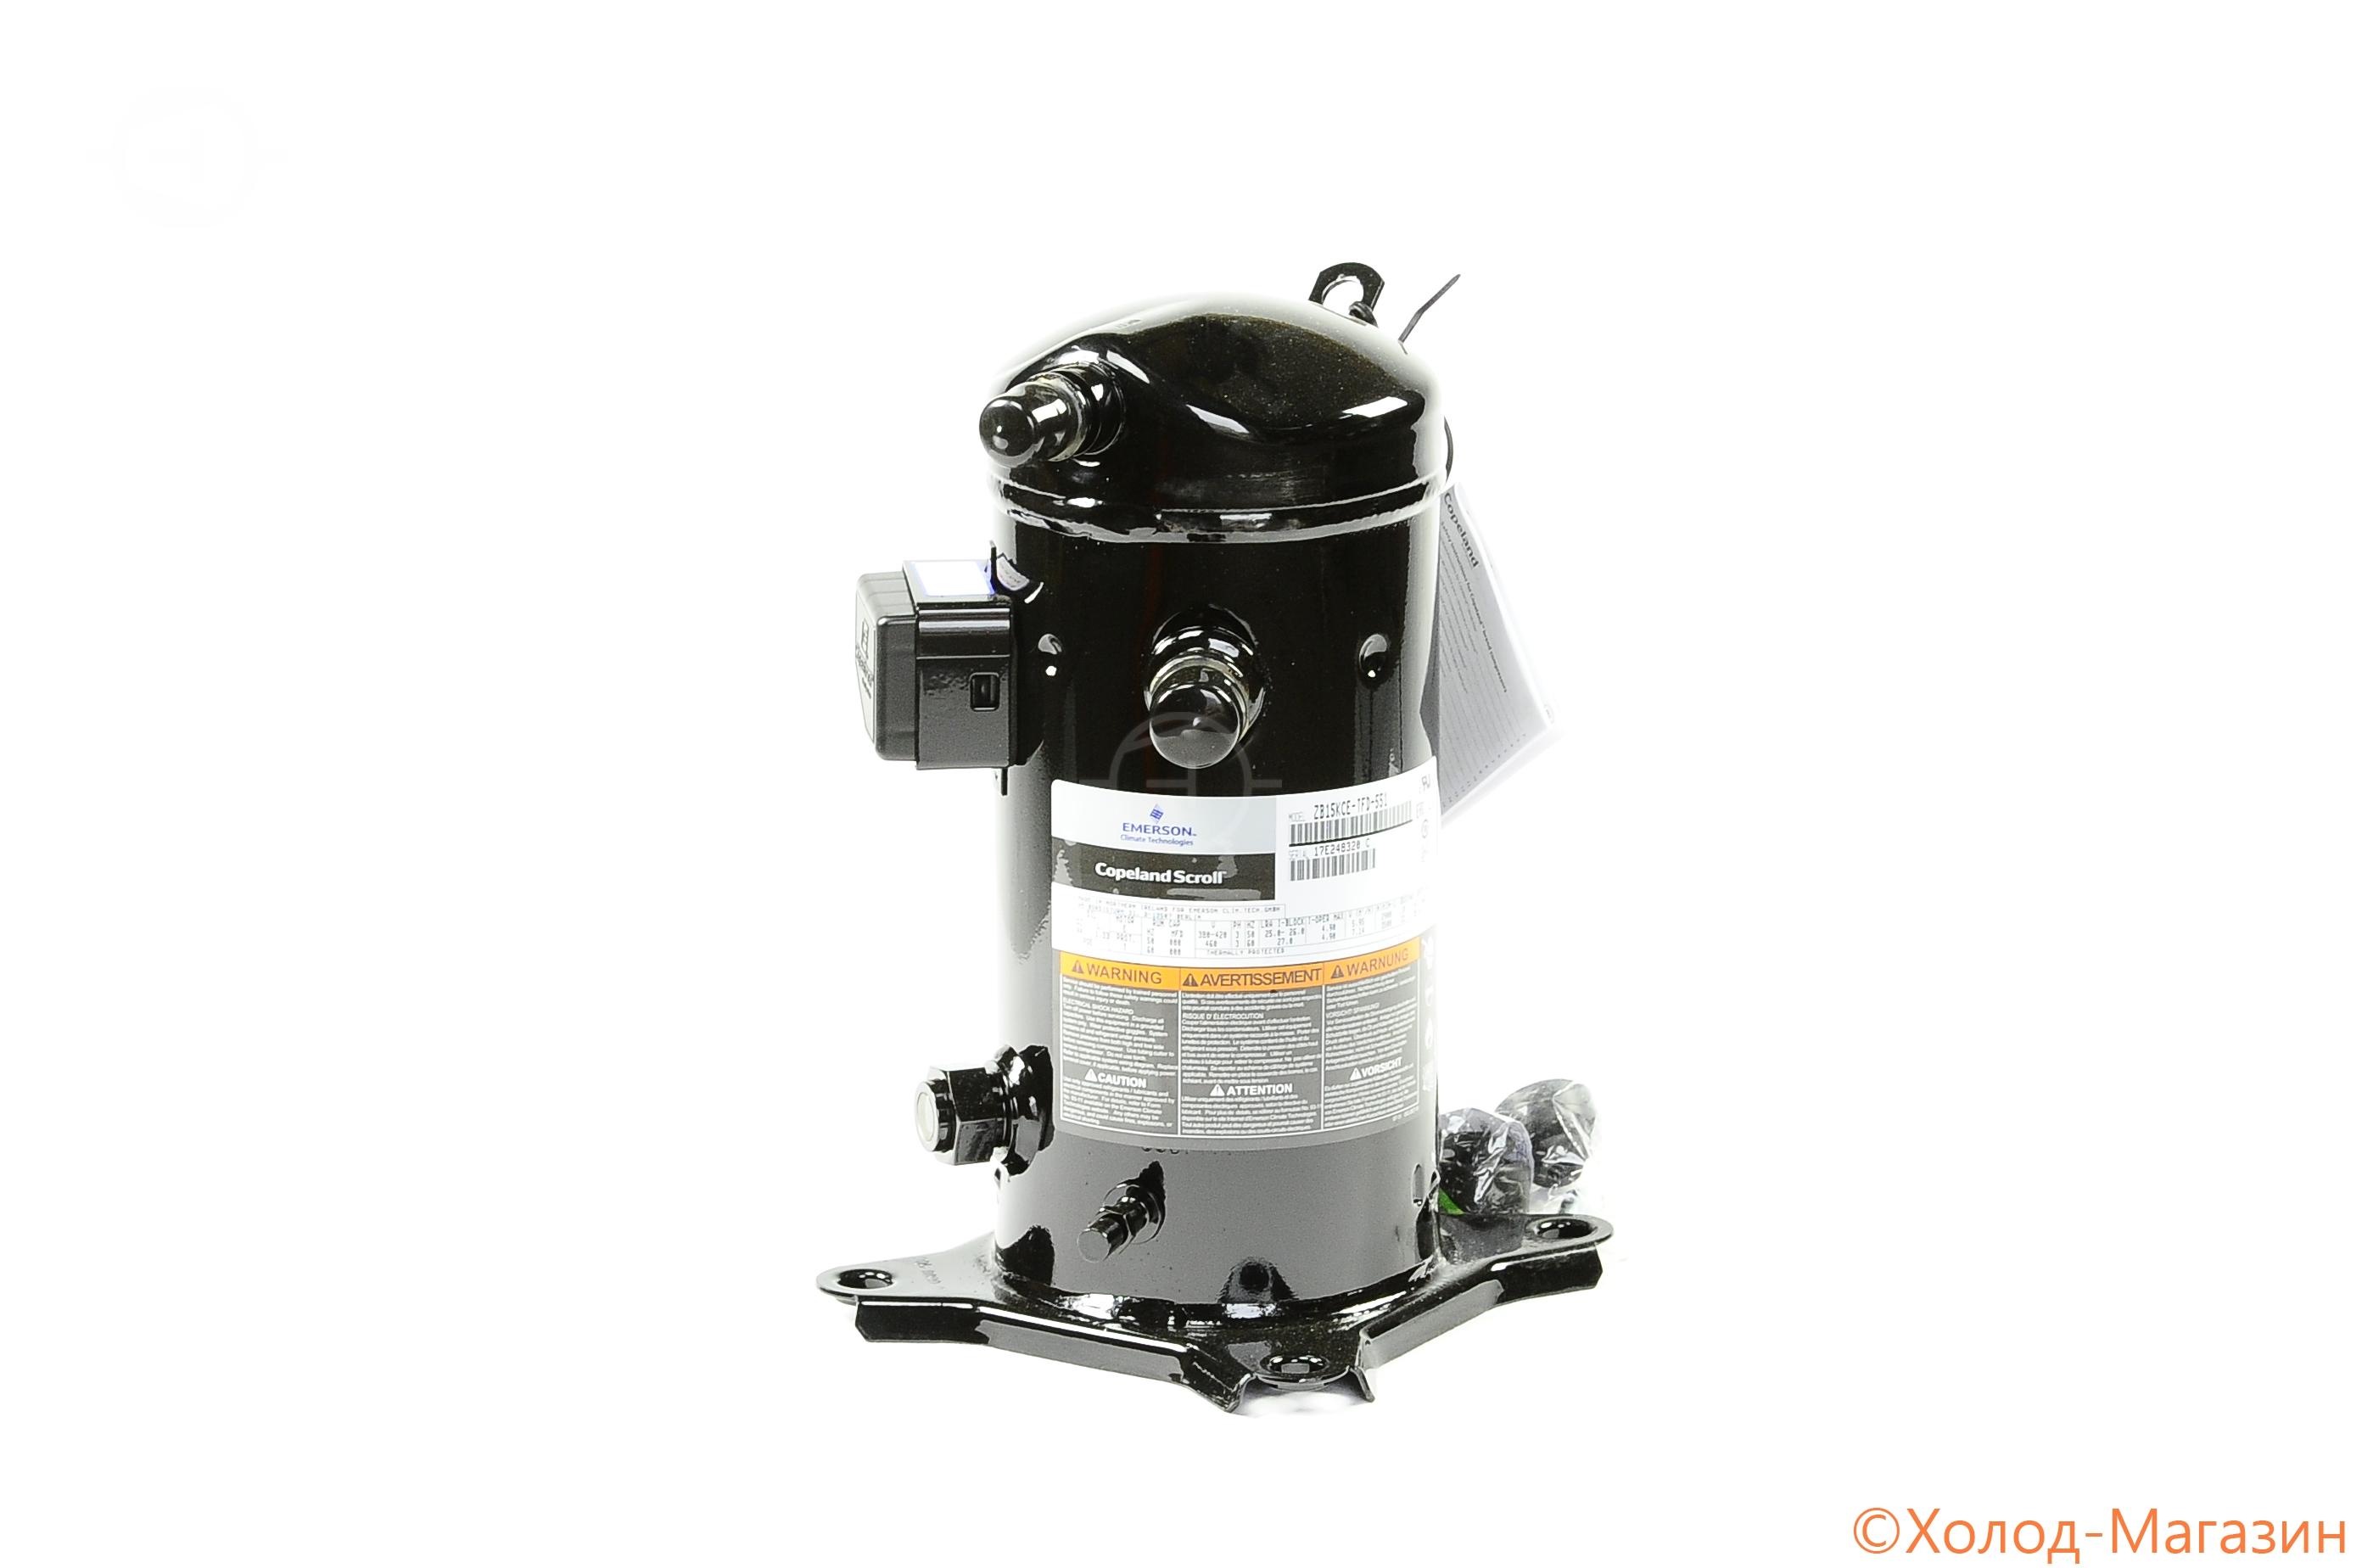 Компрессор спиральный ZB 15 KCE-TFD-551 Copeland, Emerson